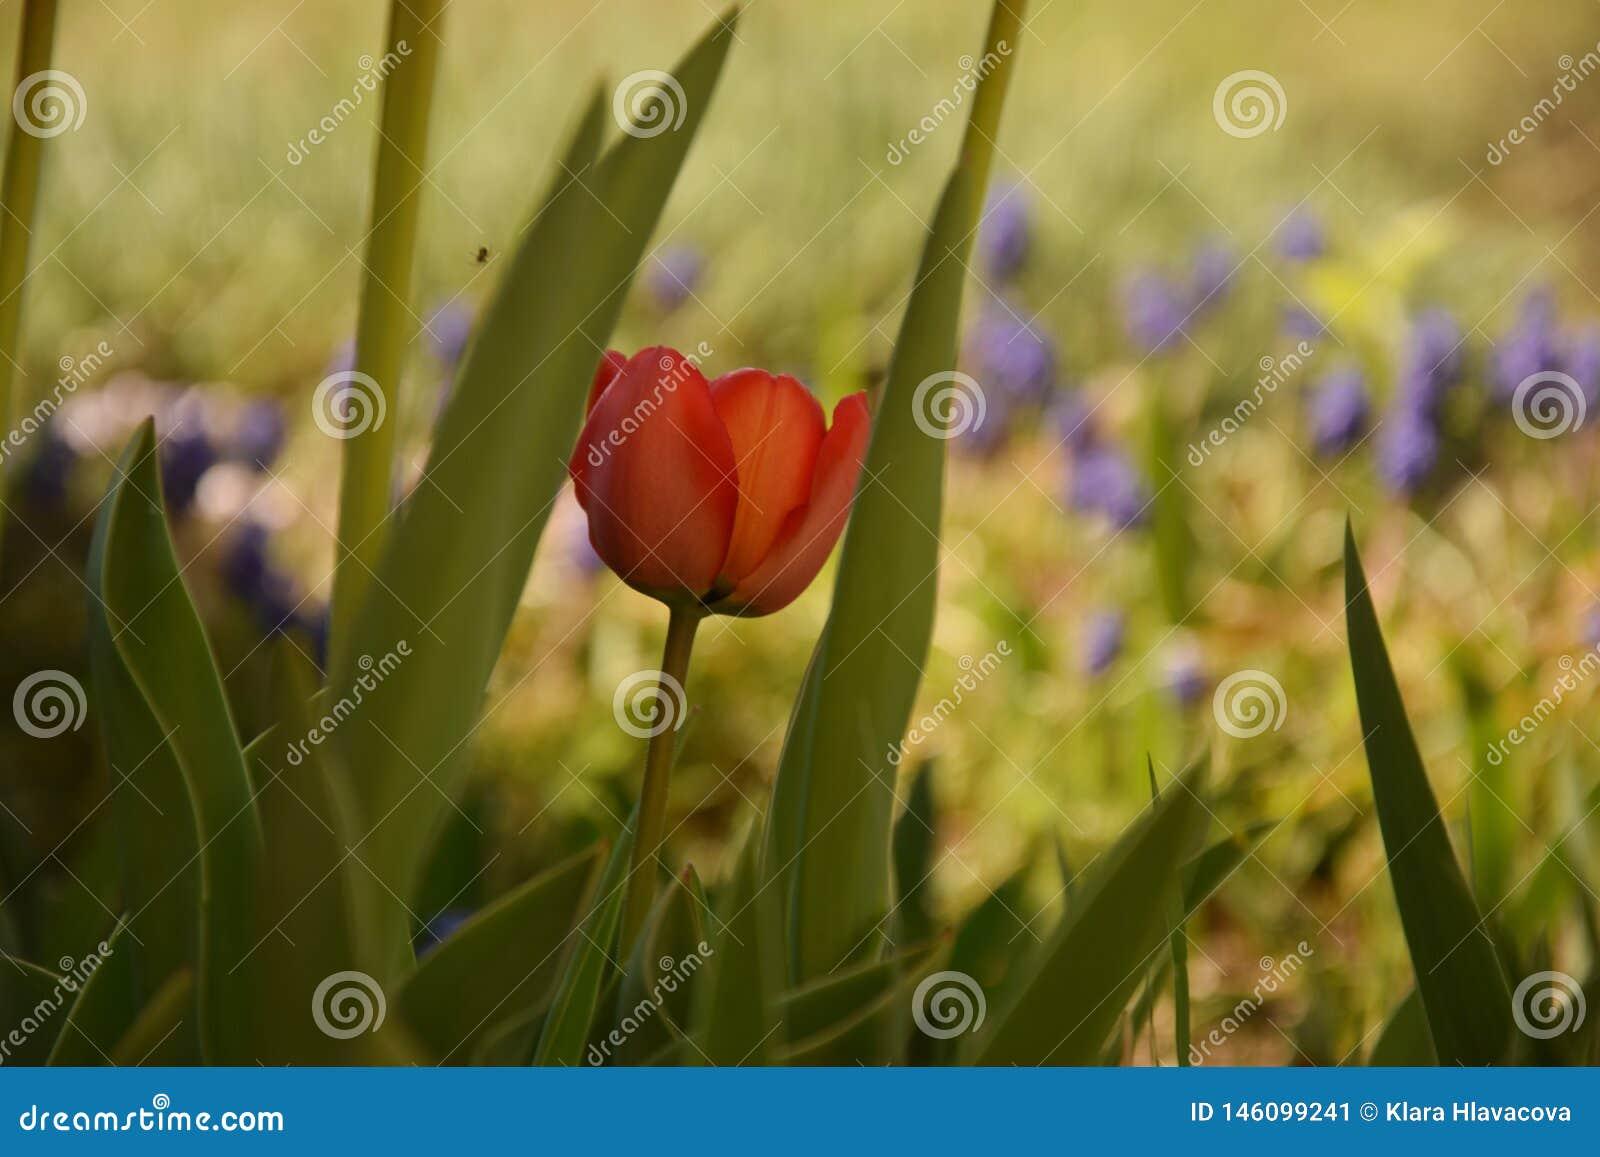 Tulipano rosso fra le foglie